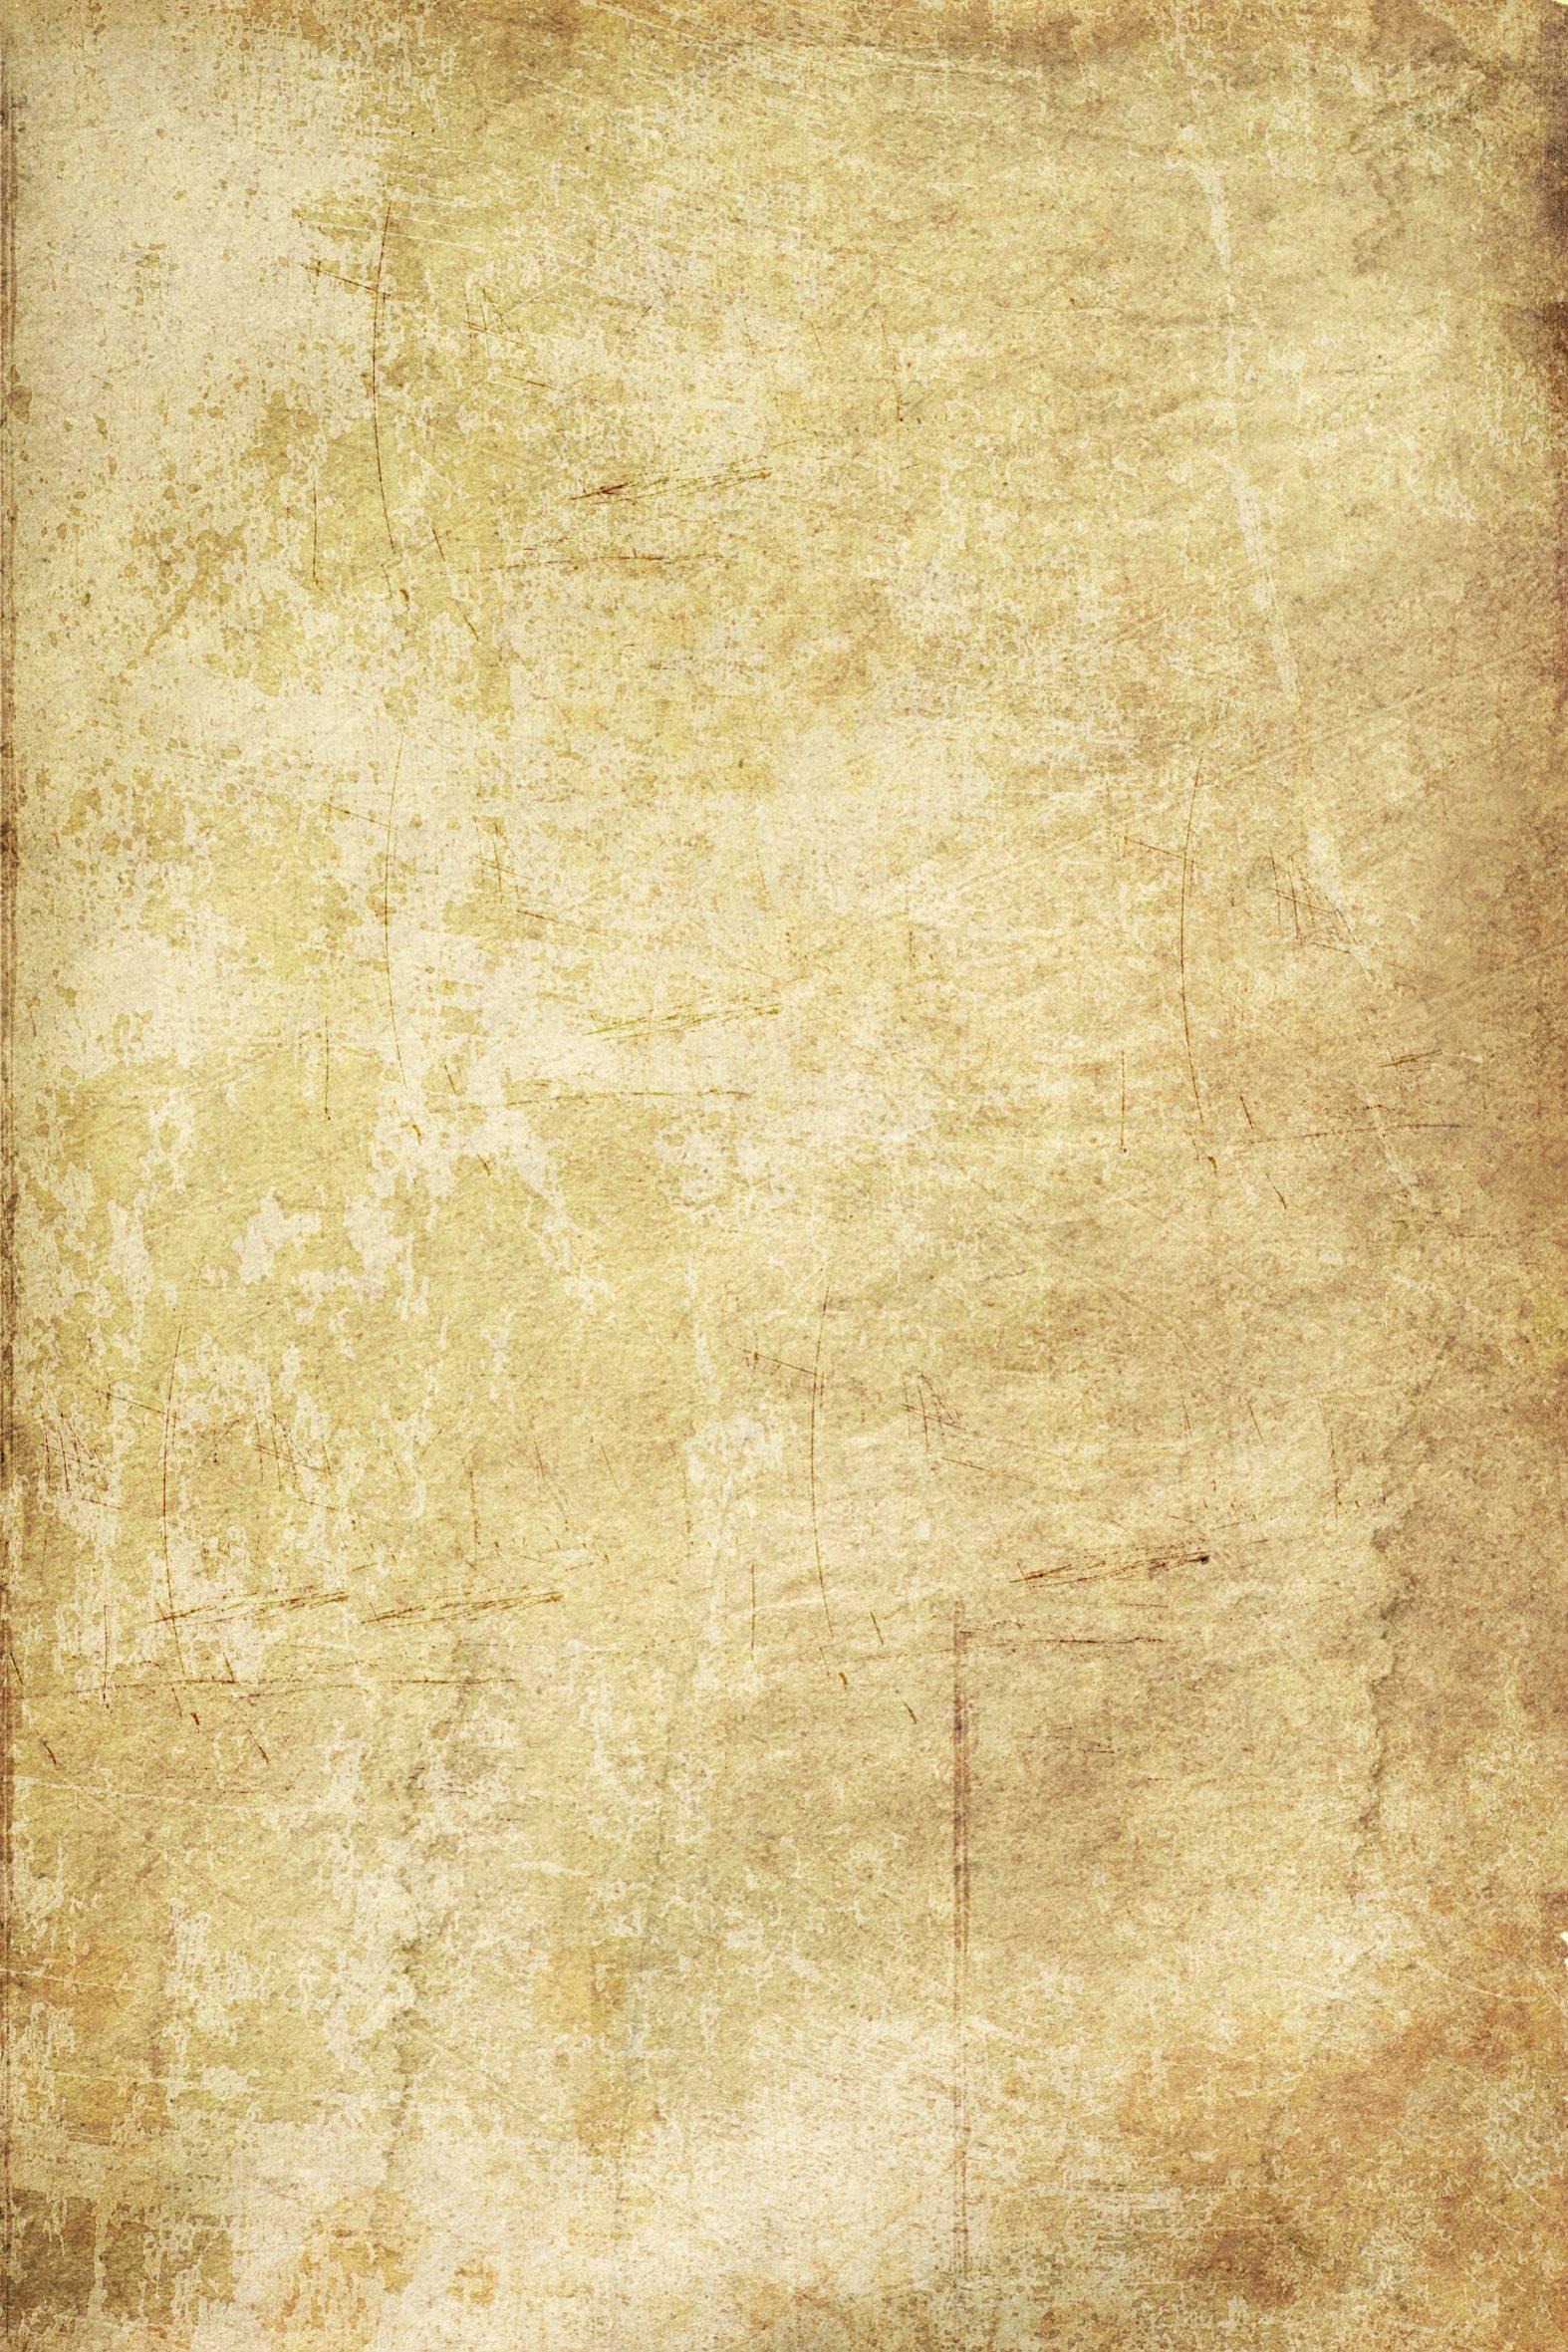 Background giấy cũ